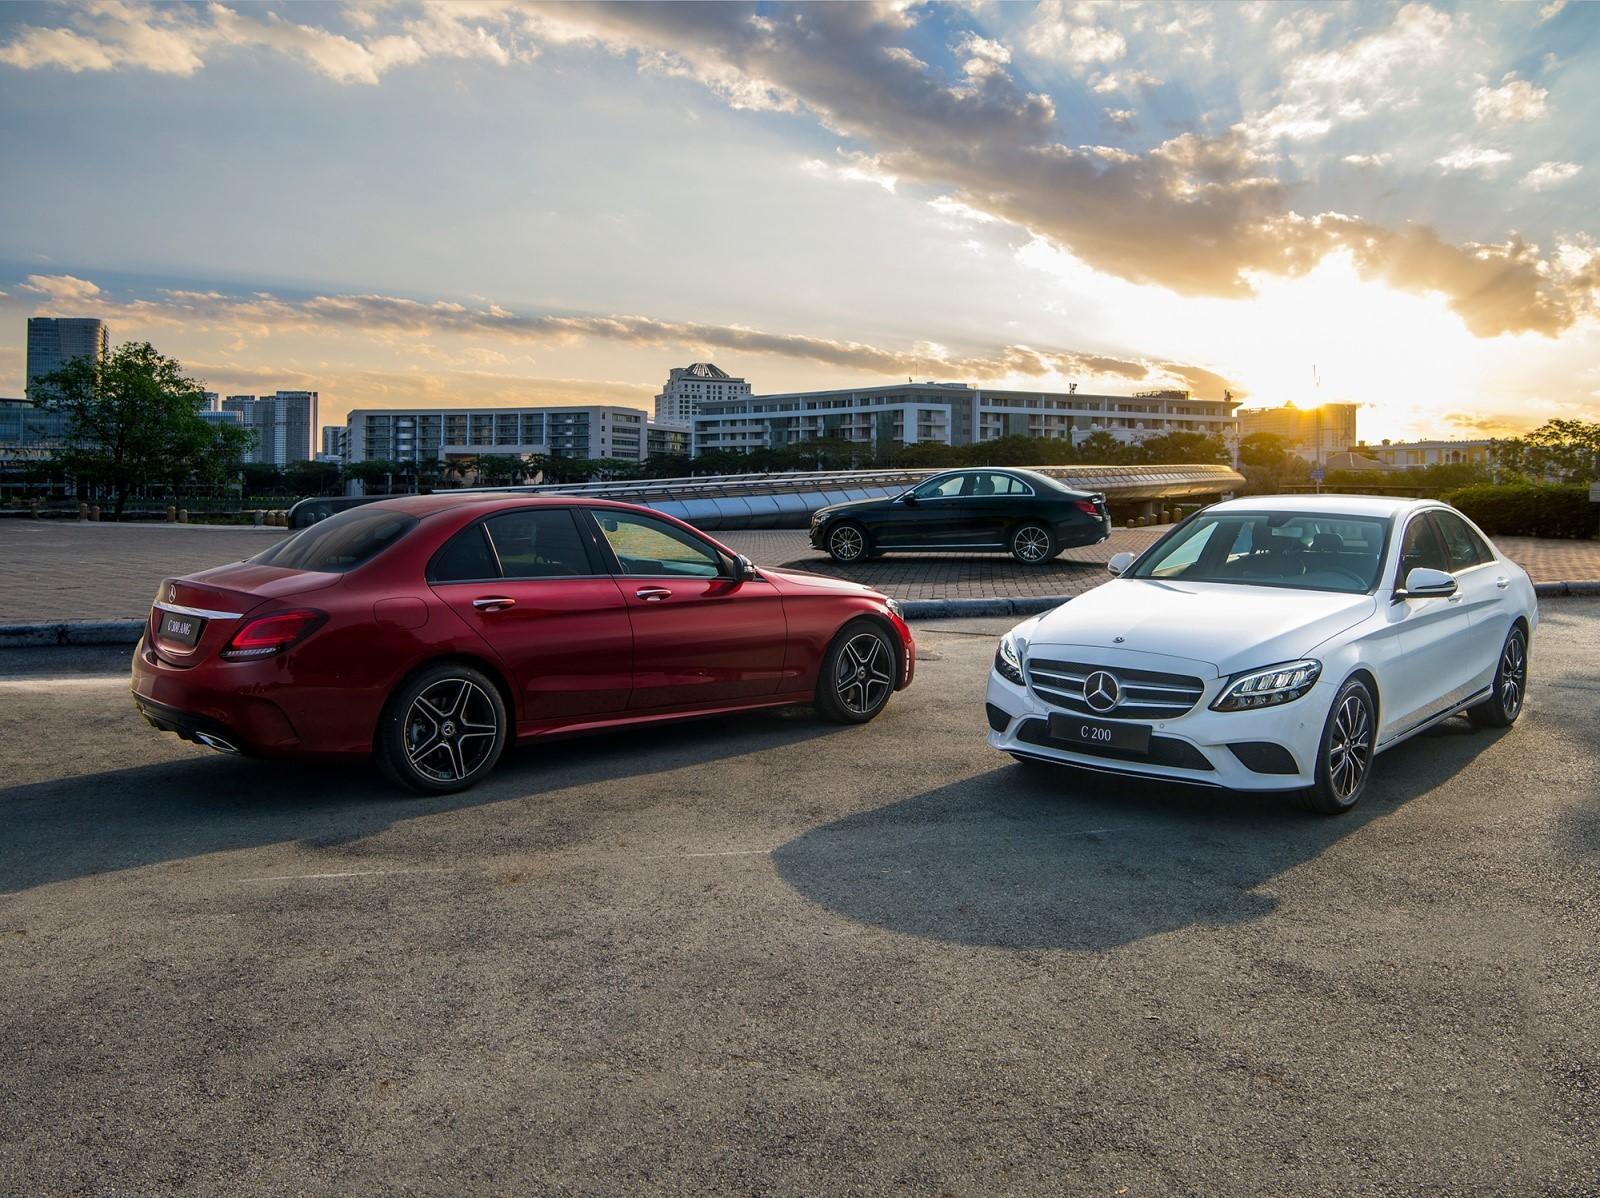 Mercedes-Benz C200 2019 hiện đang được phân phối với giá bán là 1,499 tỷ đồng